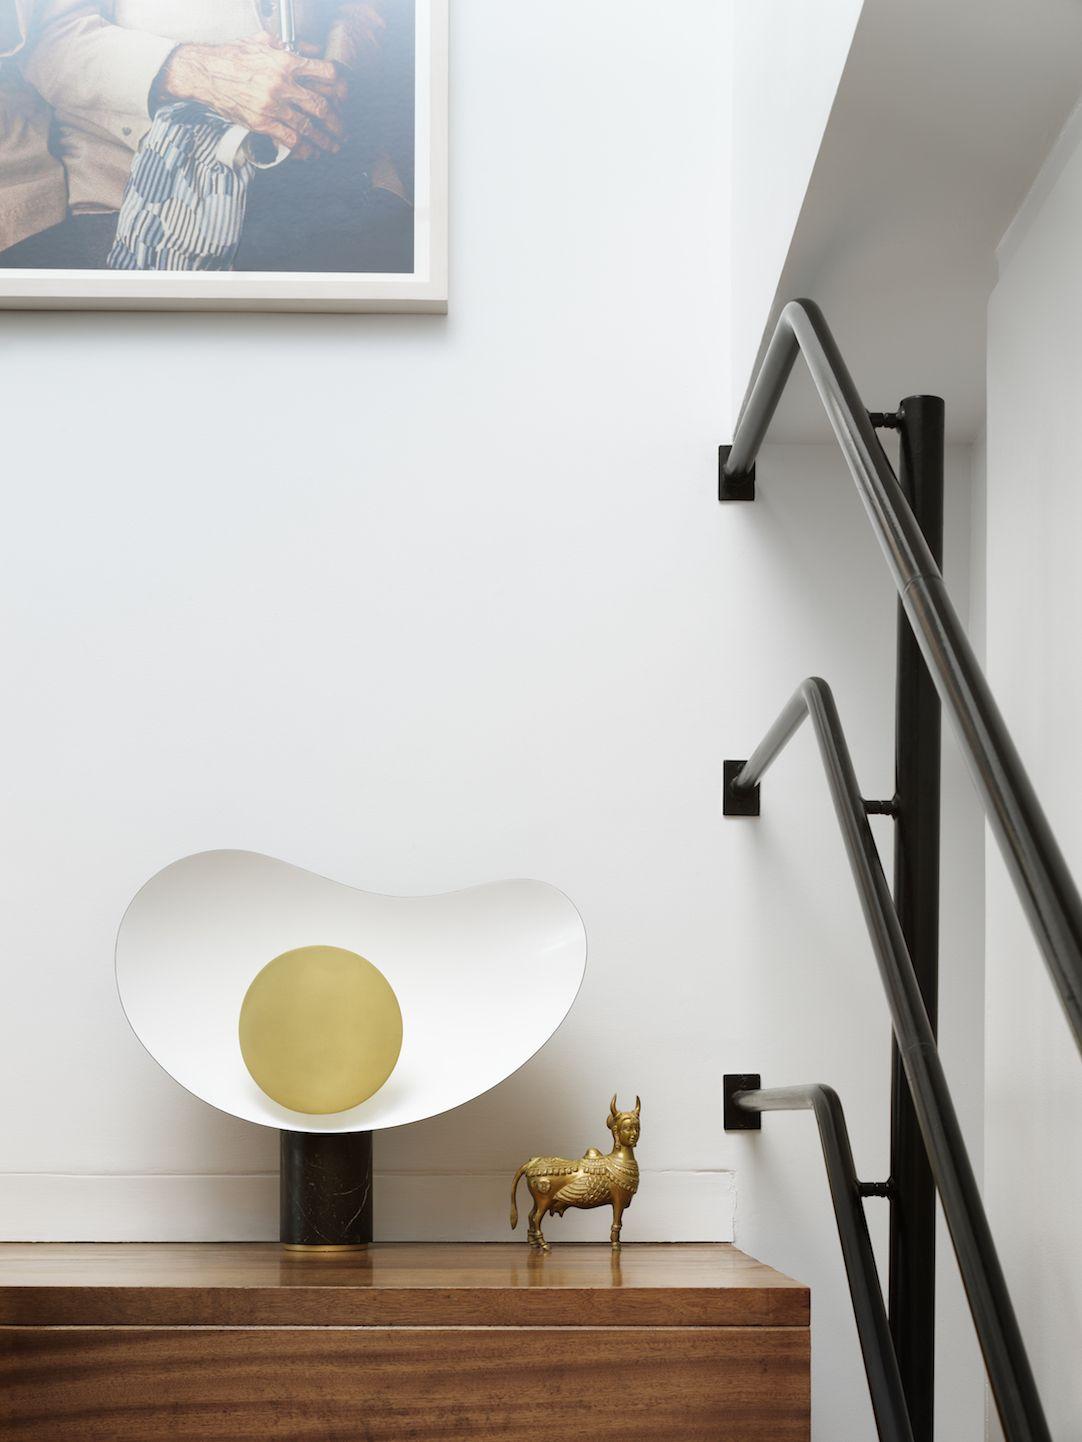 Doshi Levien's lighting debut is a sculptural tour de force